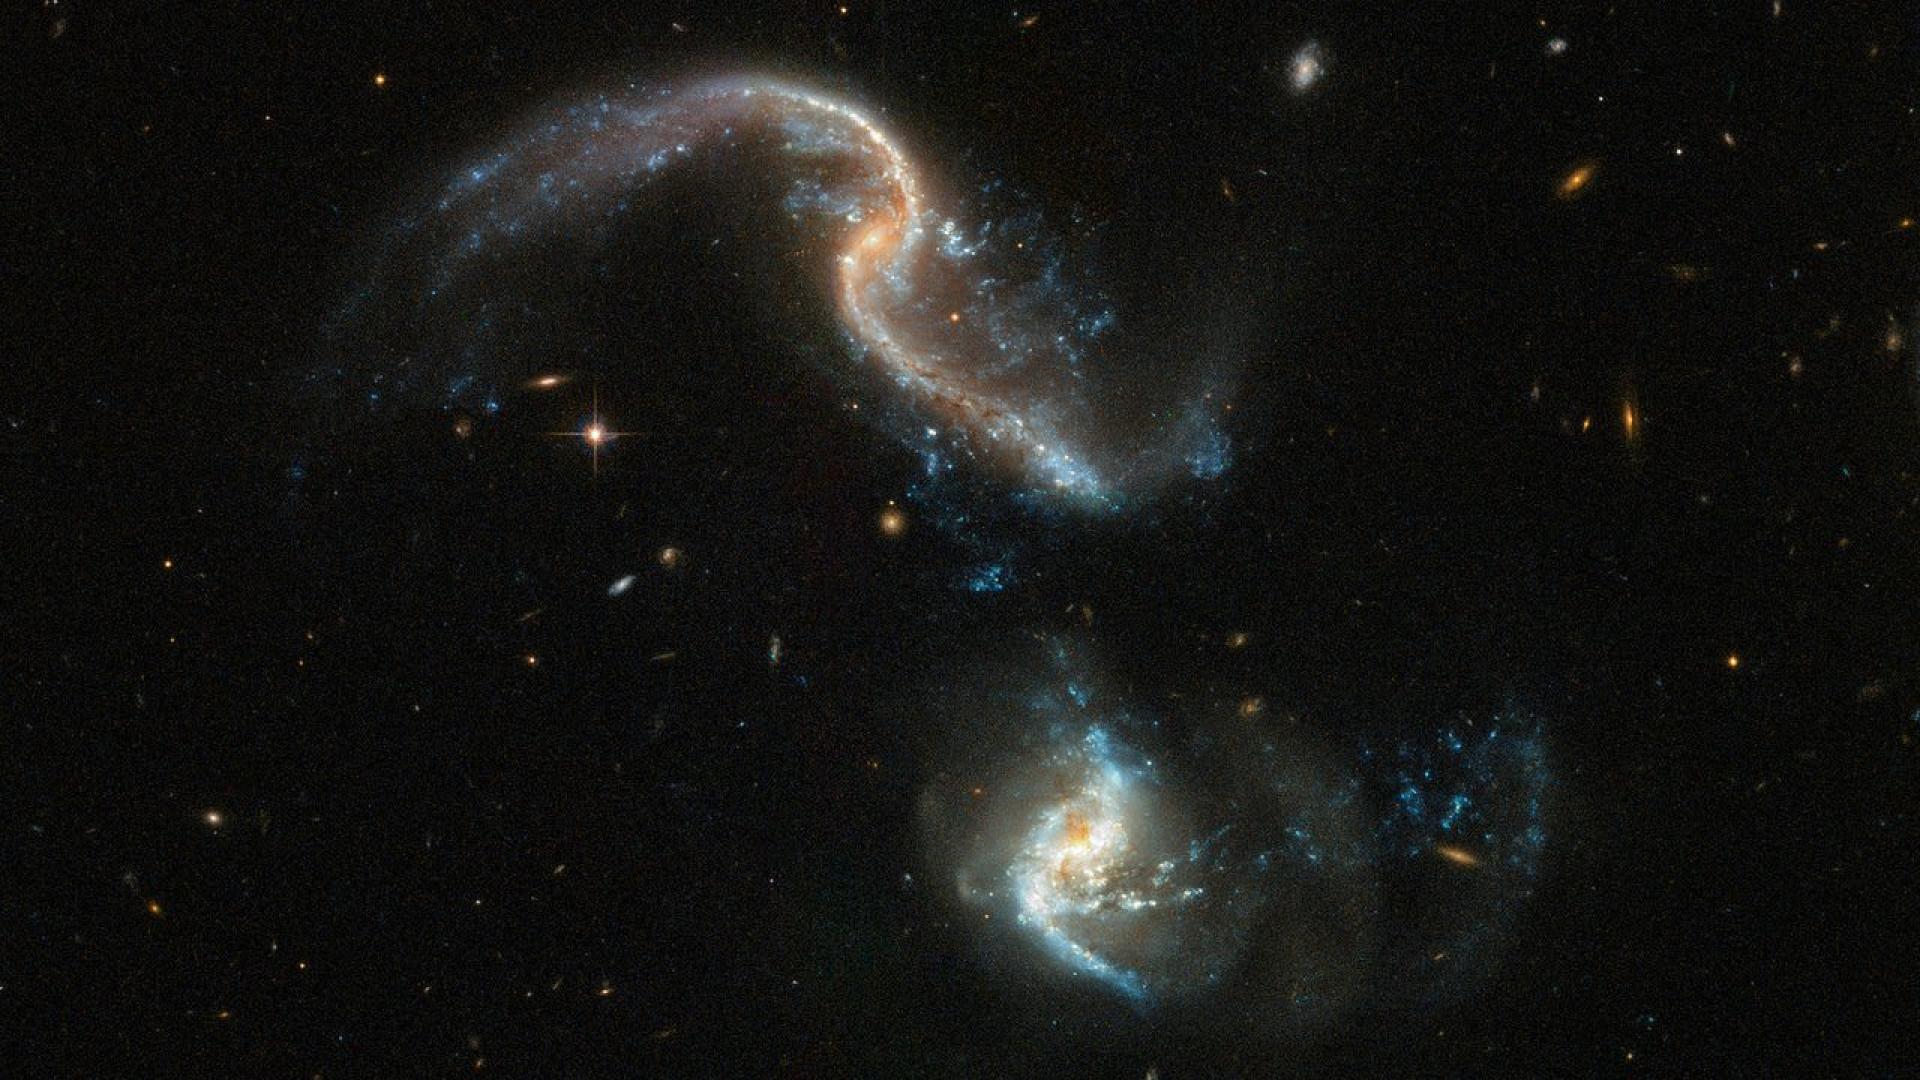 Telescópio Hubble captou fotografia impressionante de duas galáxias